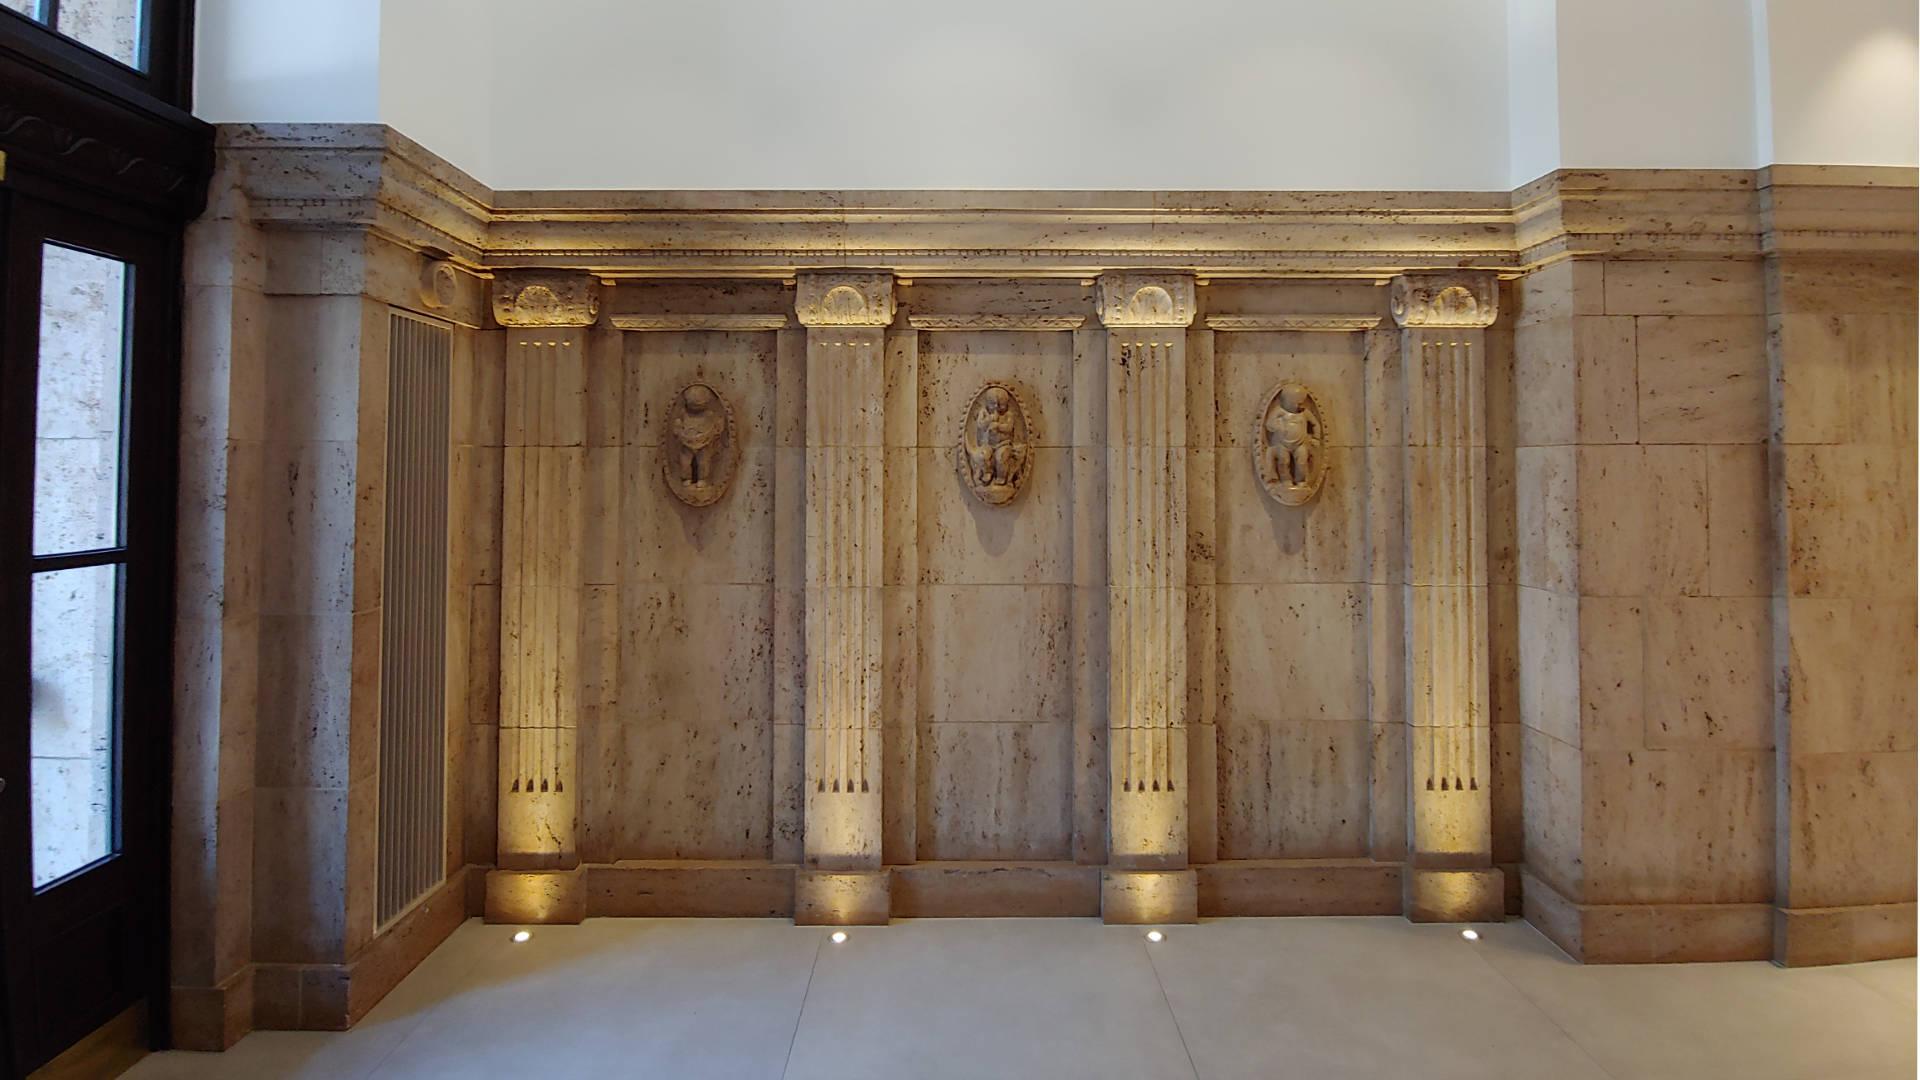 MAASS-Lichtplanung_Foyerbeleuchtung Rappolt Haus__MAASS-Moenkebergstrasse11-001